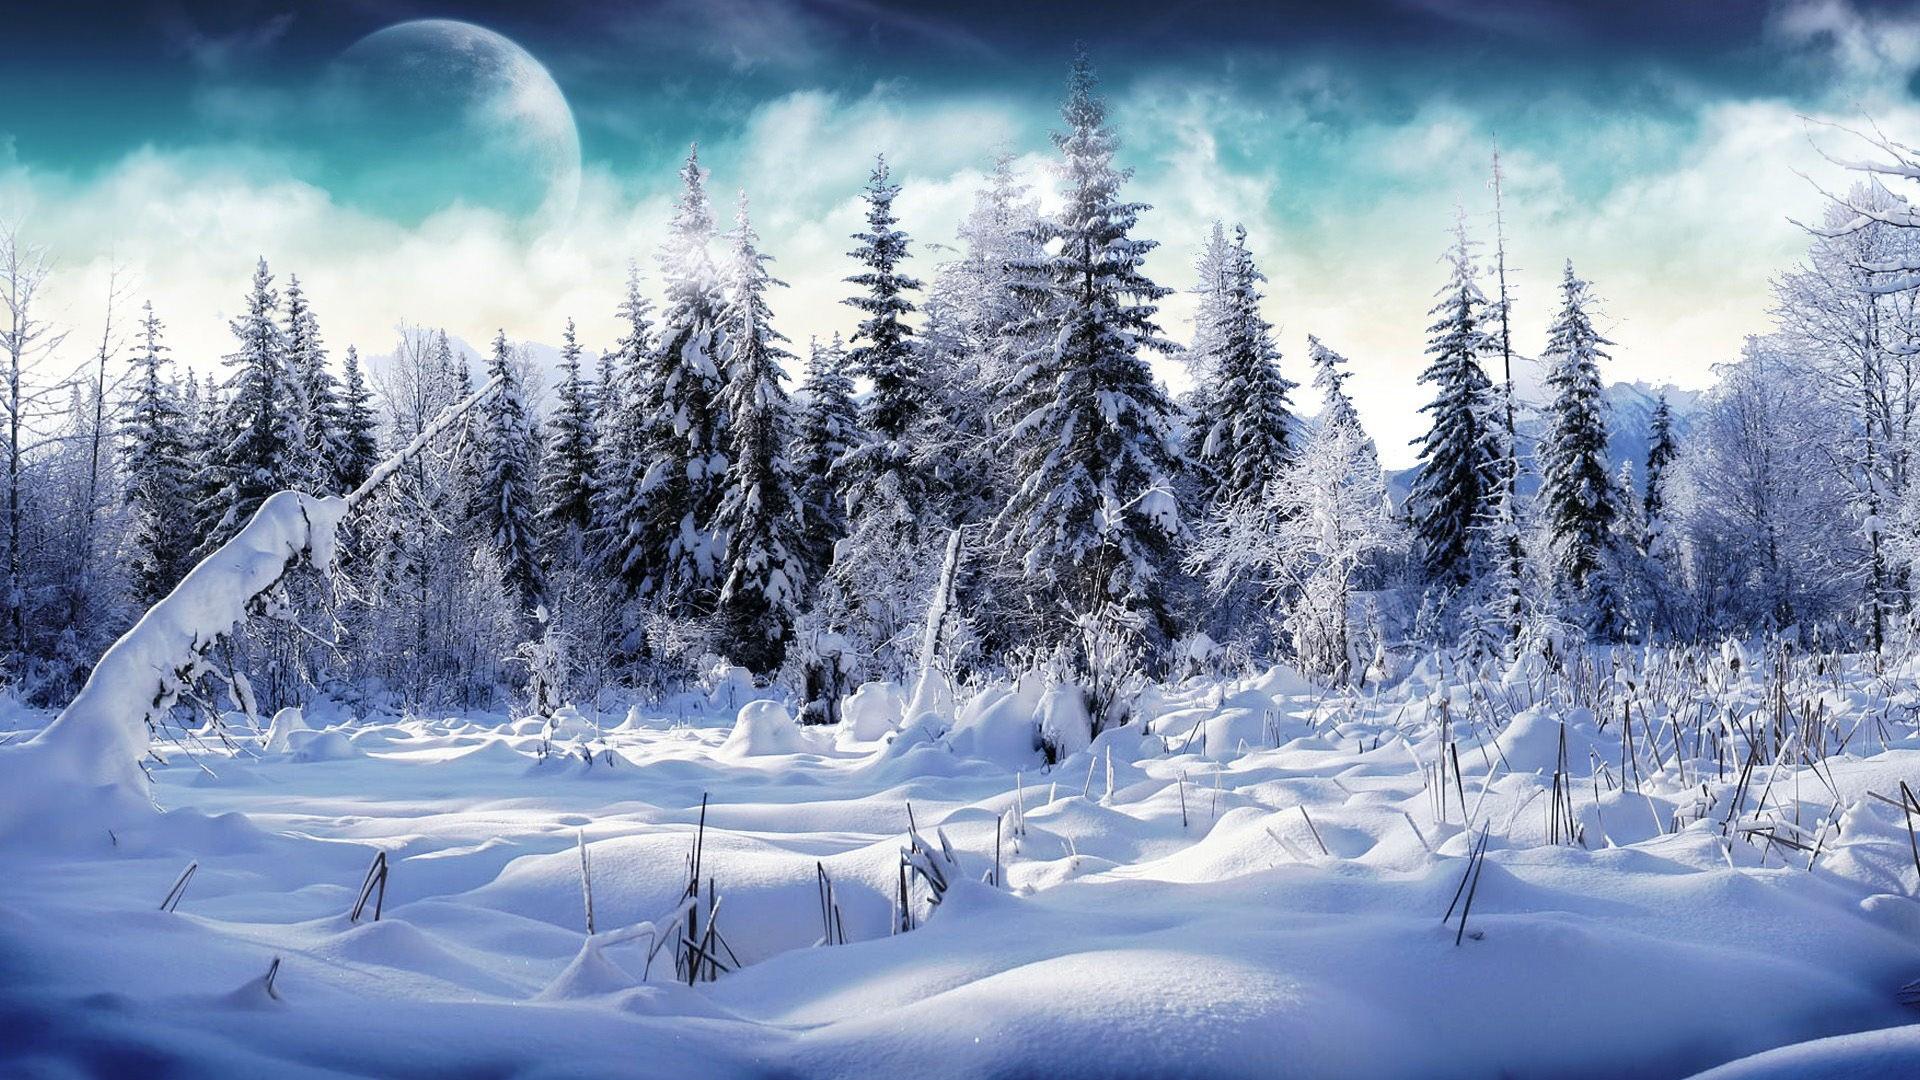 Обои зима сказочный лес 5